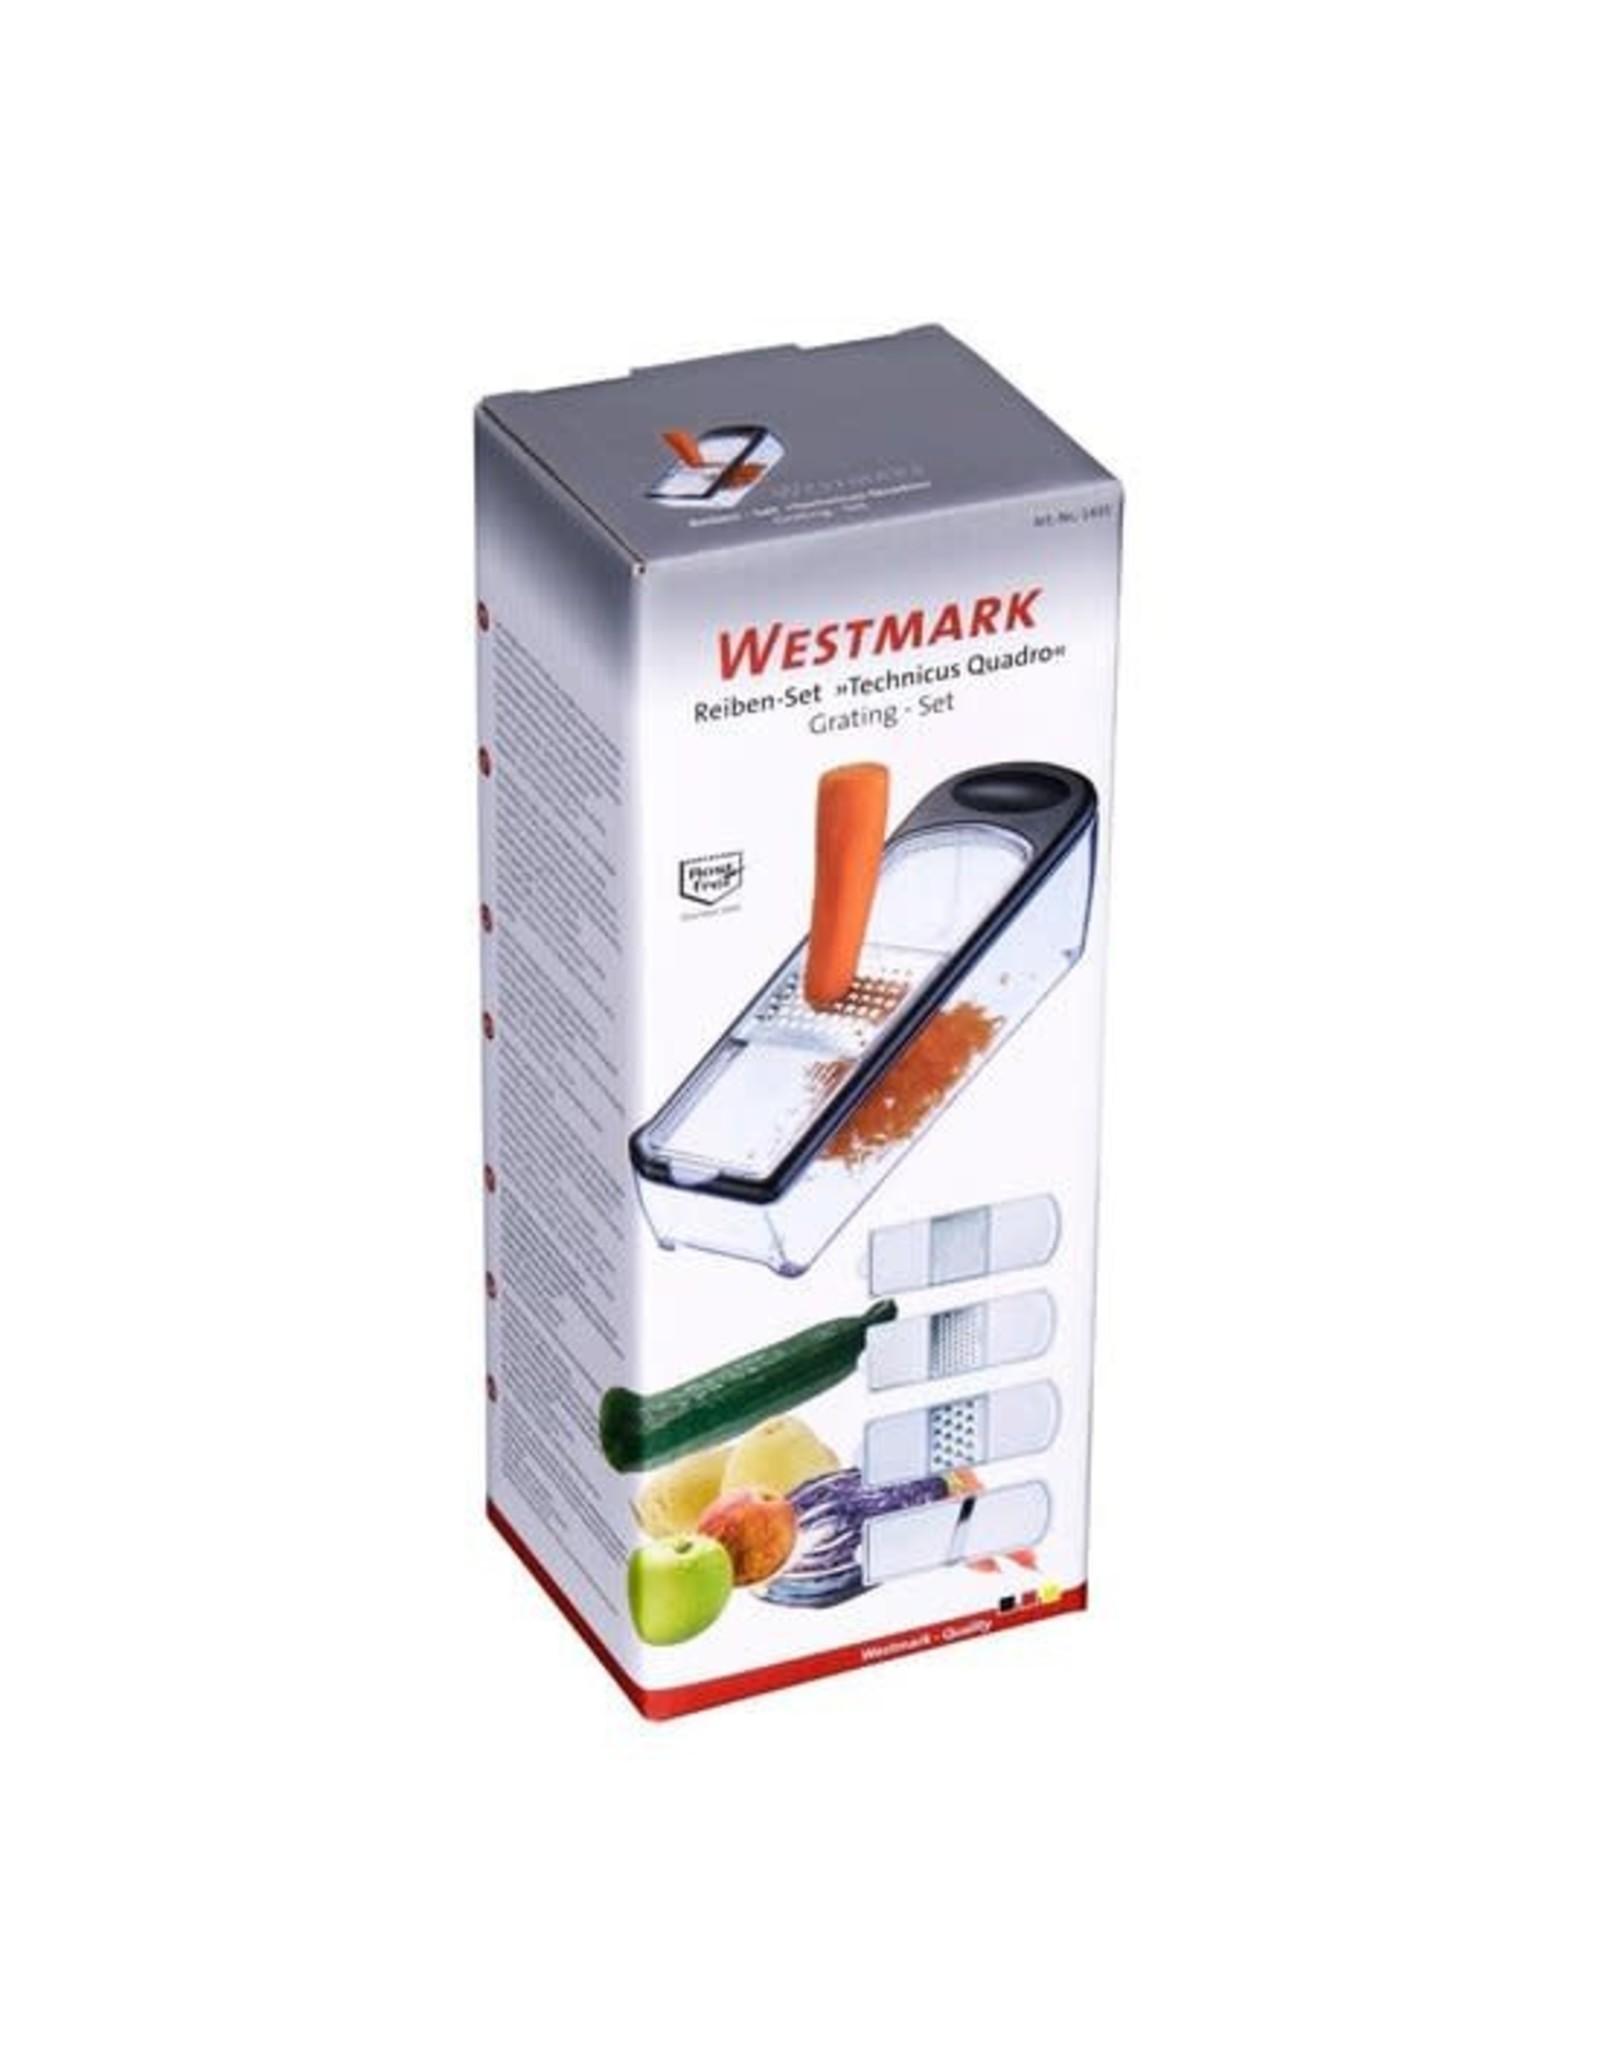 westmark Westmark Technicus Quadro Rasp